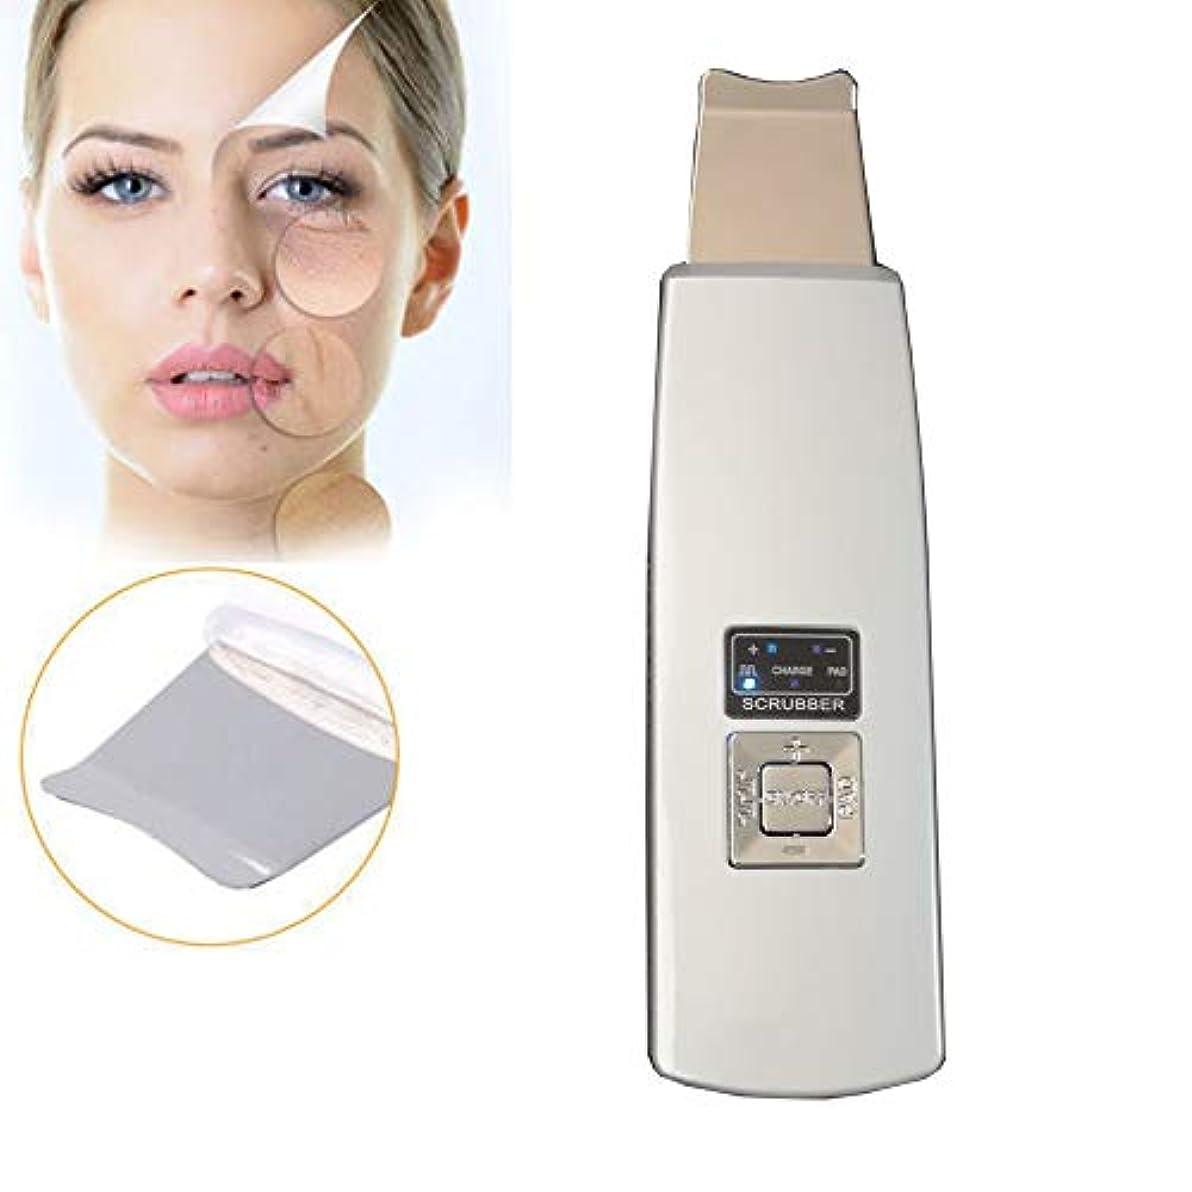 思慮のない見つける意識的顔の皮膚のスクラバー、ポータブル?フェイシャル超音波超音波イオンスキンケアスクラバーデバイス美容機は、ブラックヘッド面皰死んだ皮膚の除去を削除する方法